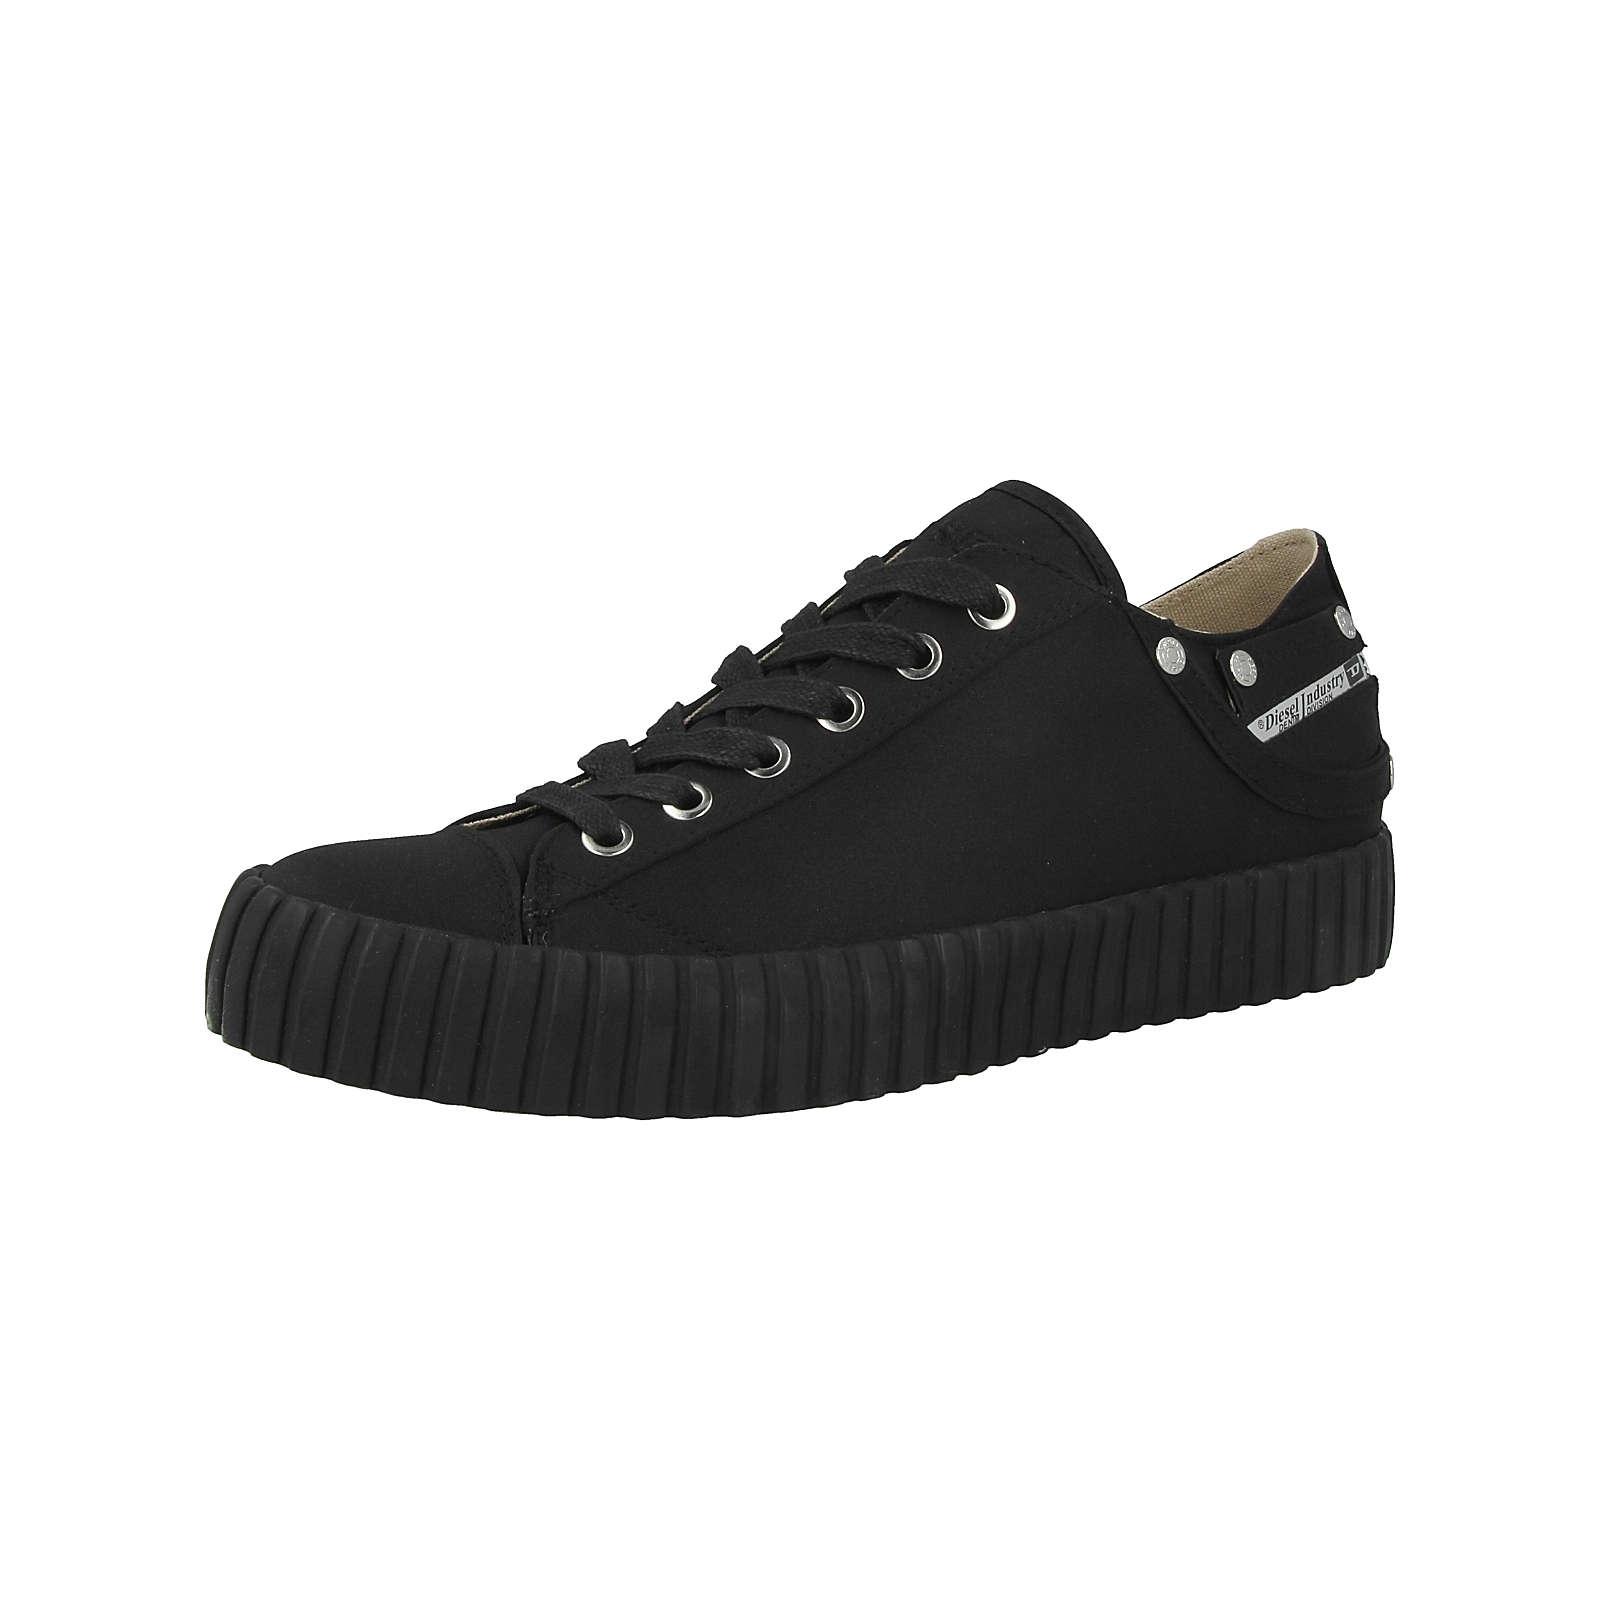 DIESEL Schuhe S-Exposure CLC W Sneakers Low schwarz Damen Gr. 38,5